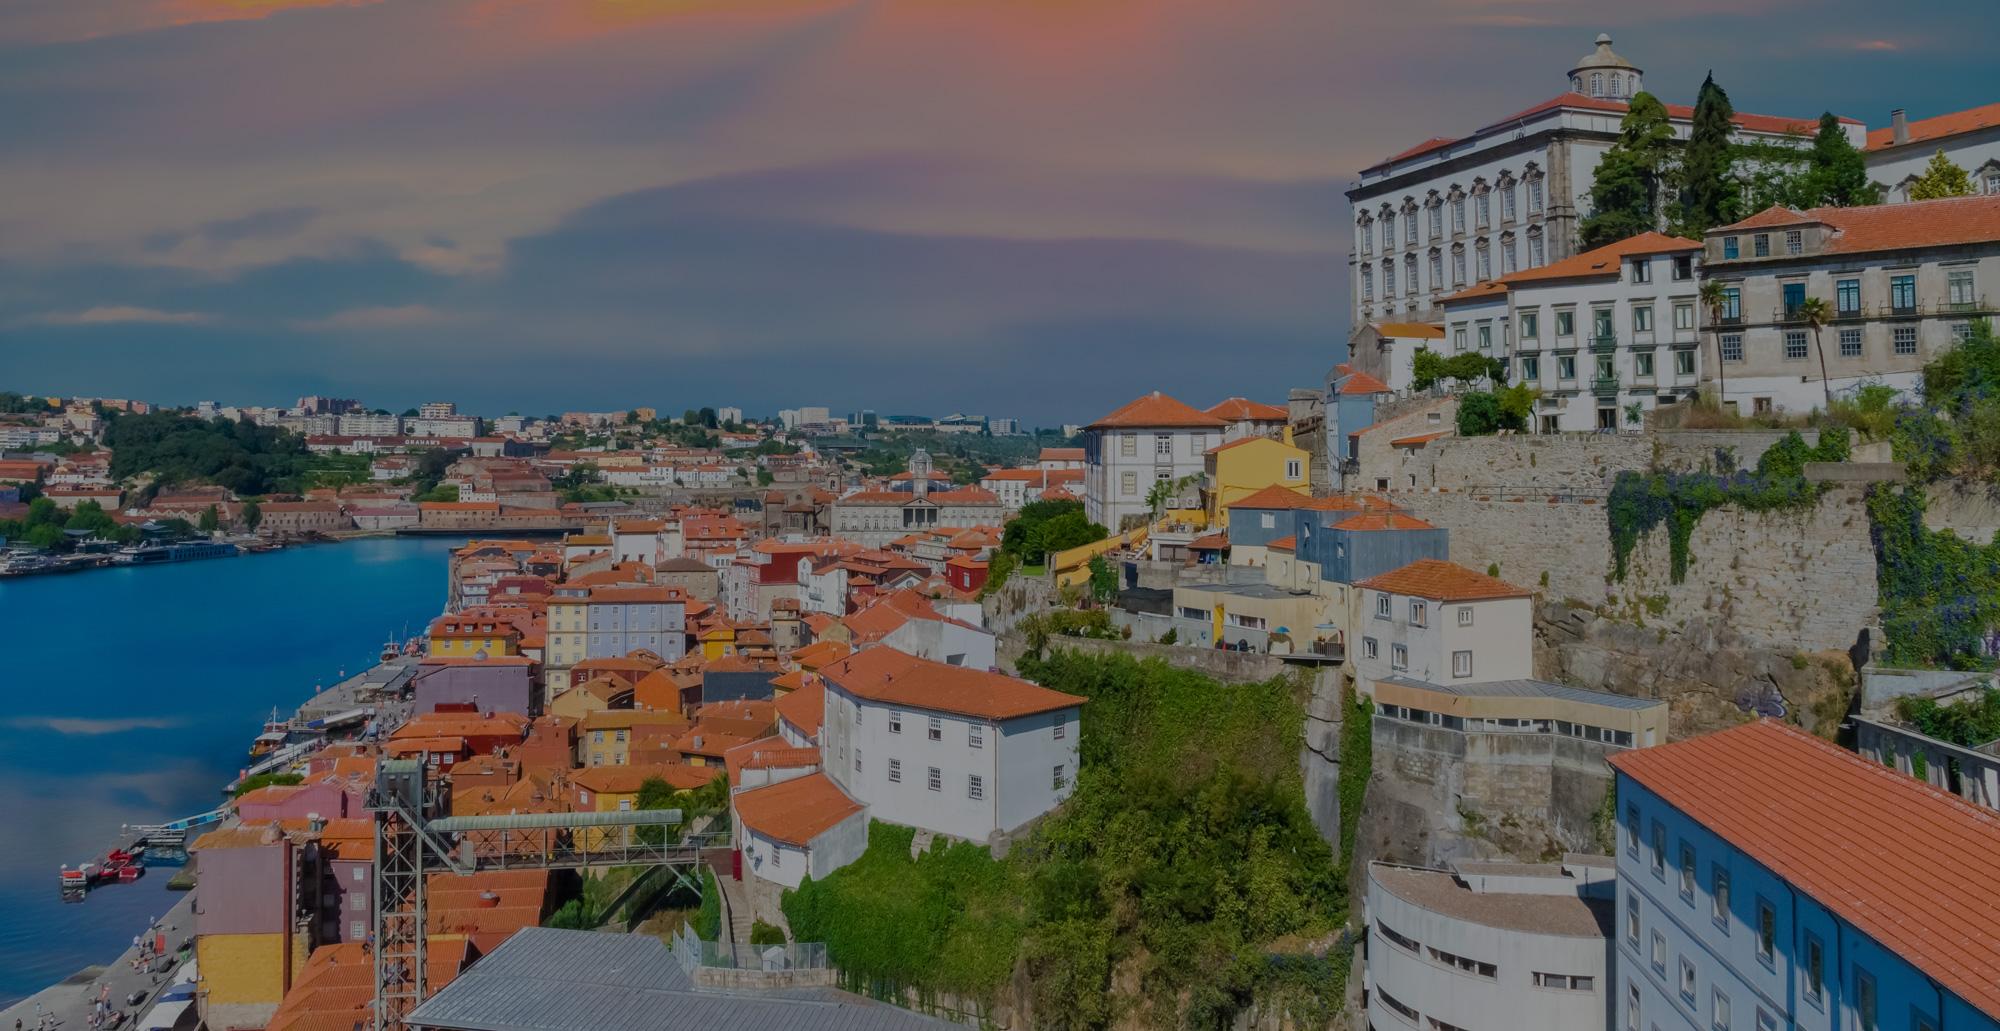 Investissement immobilier : faire le choix de vivre au Portugal